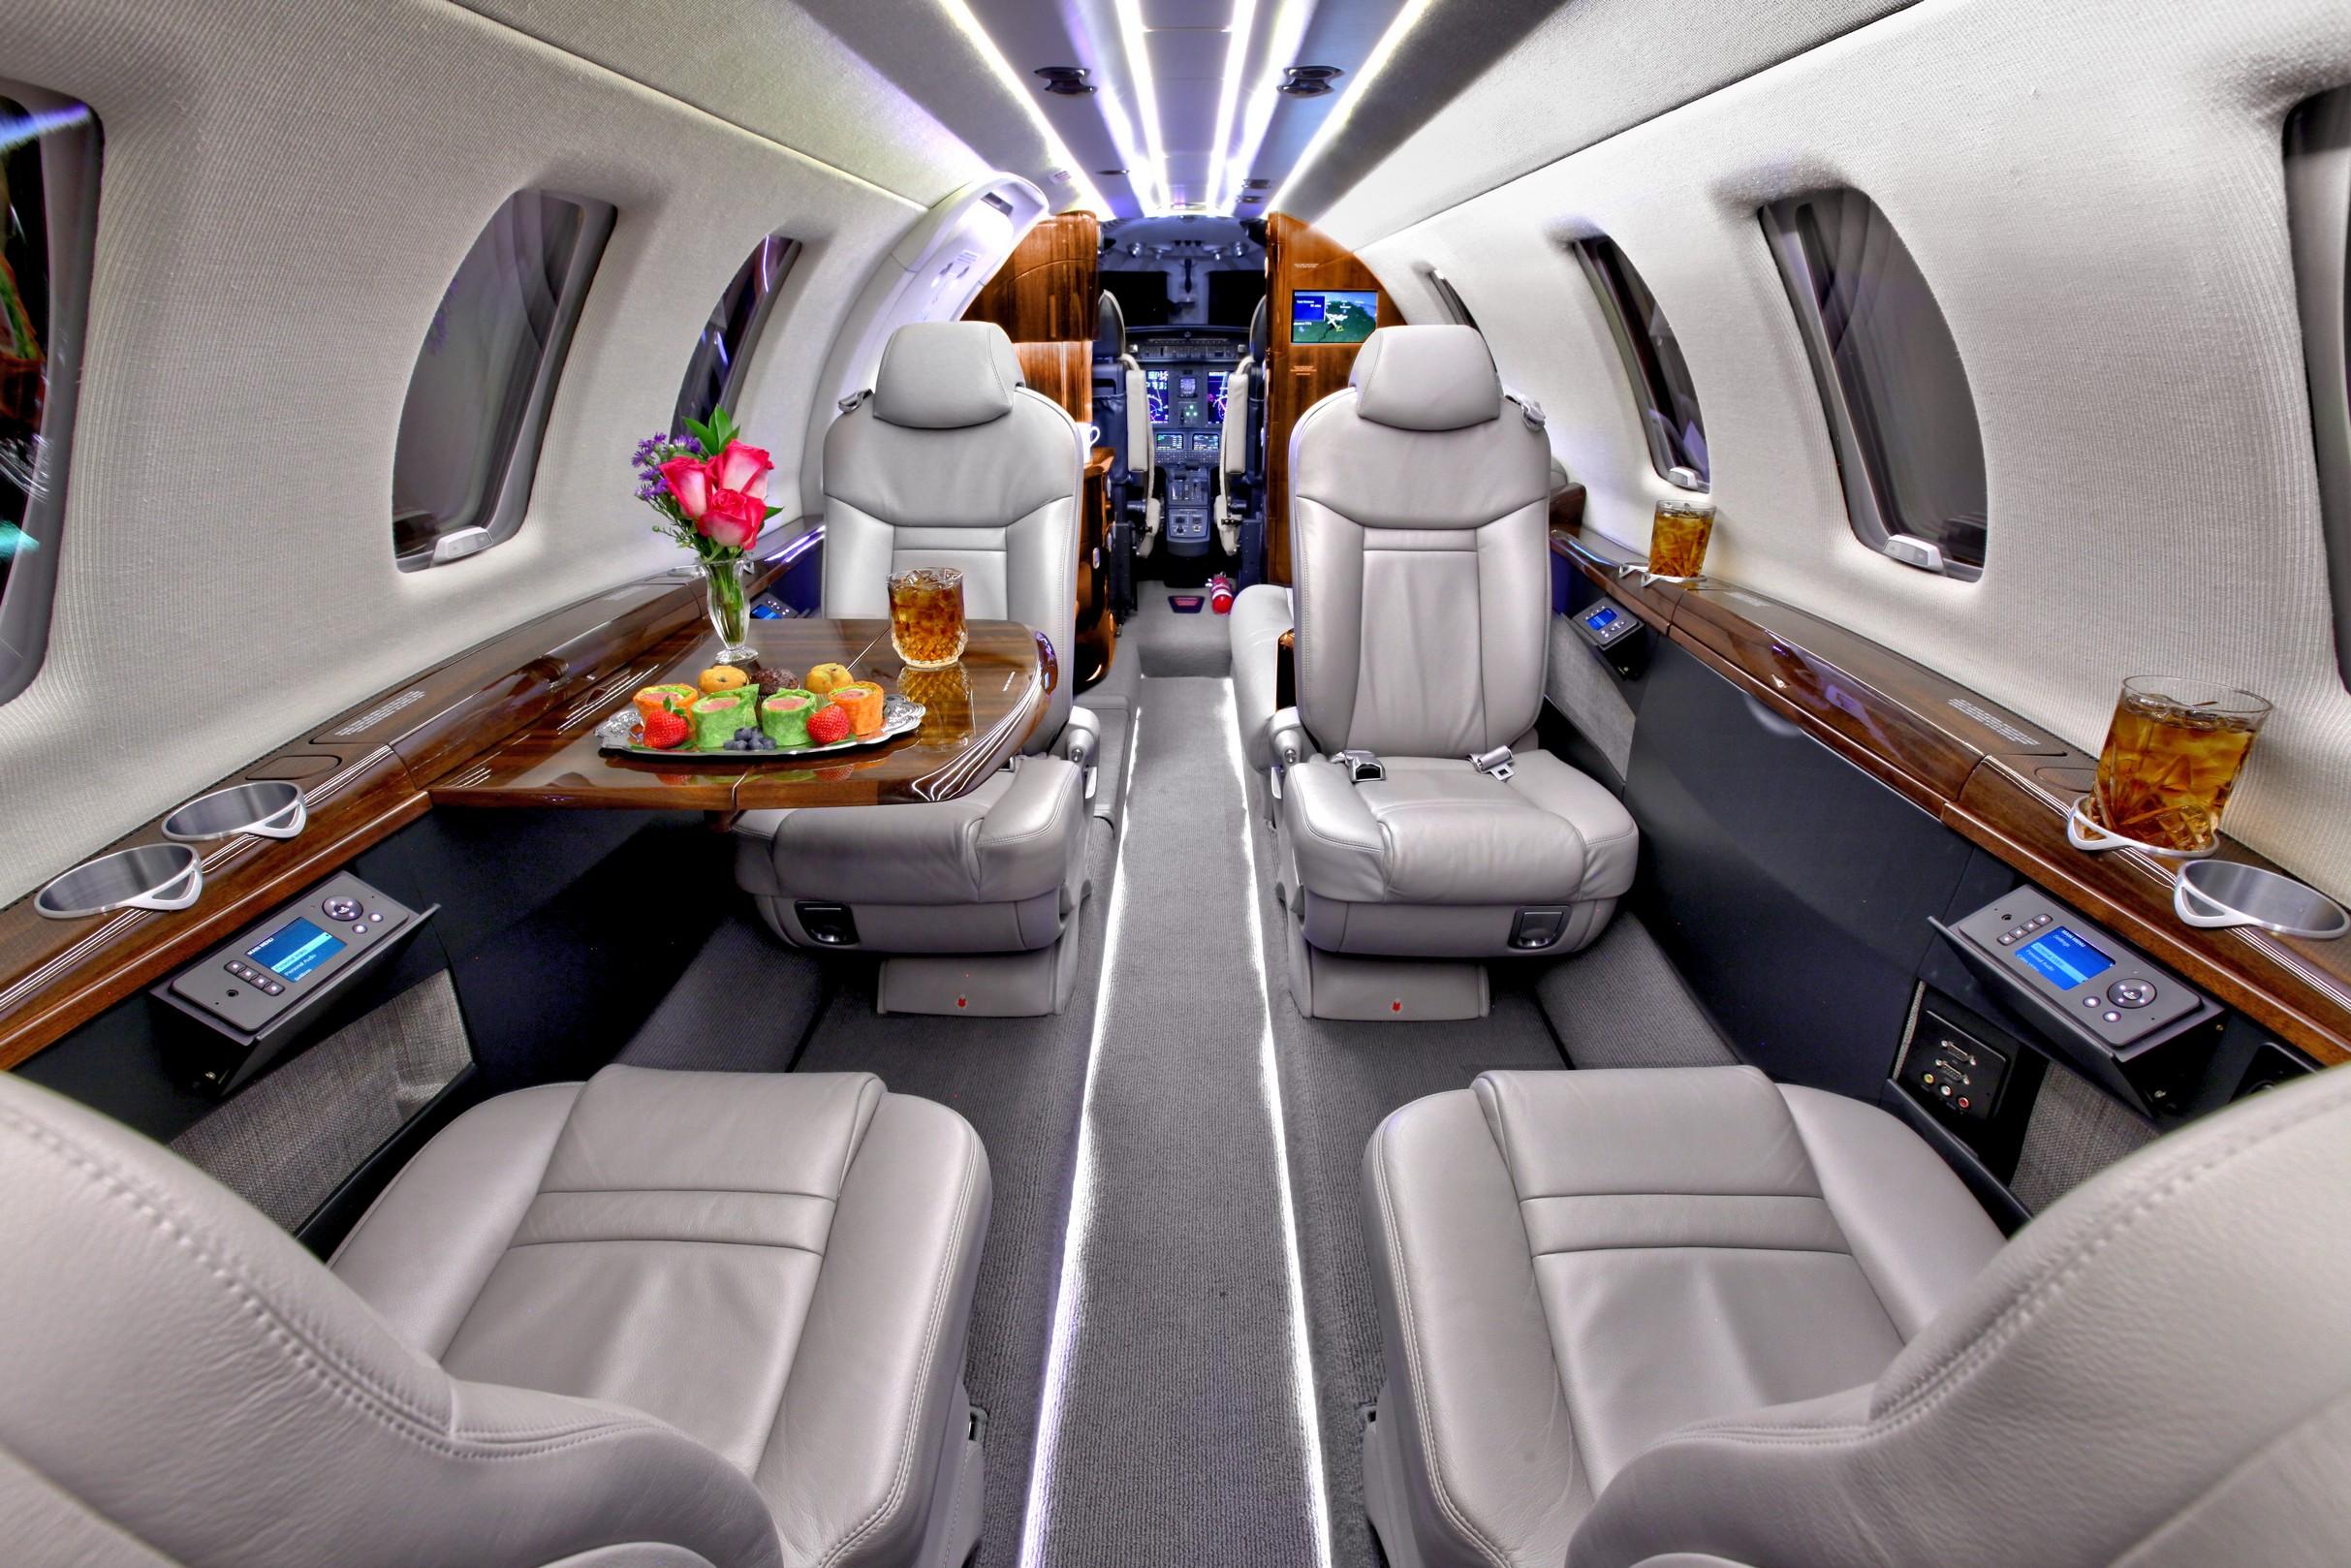 Premier Jet Aviation Jetav 2011 Cessna Cj4 S N 525c 0030